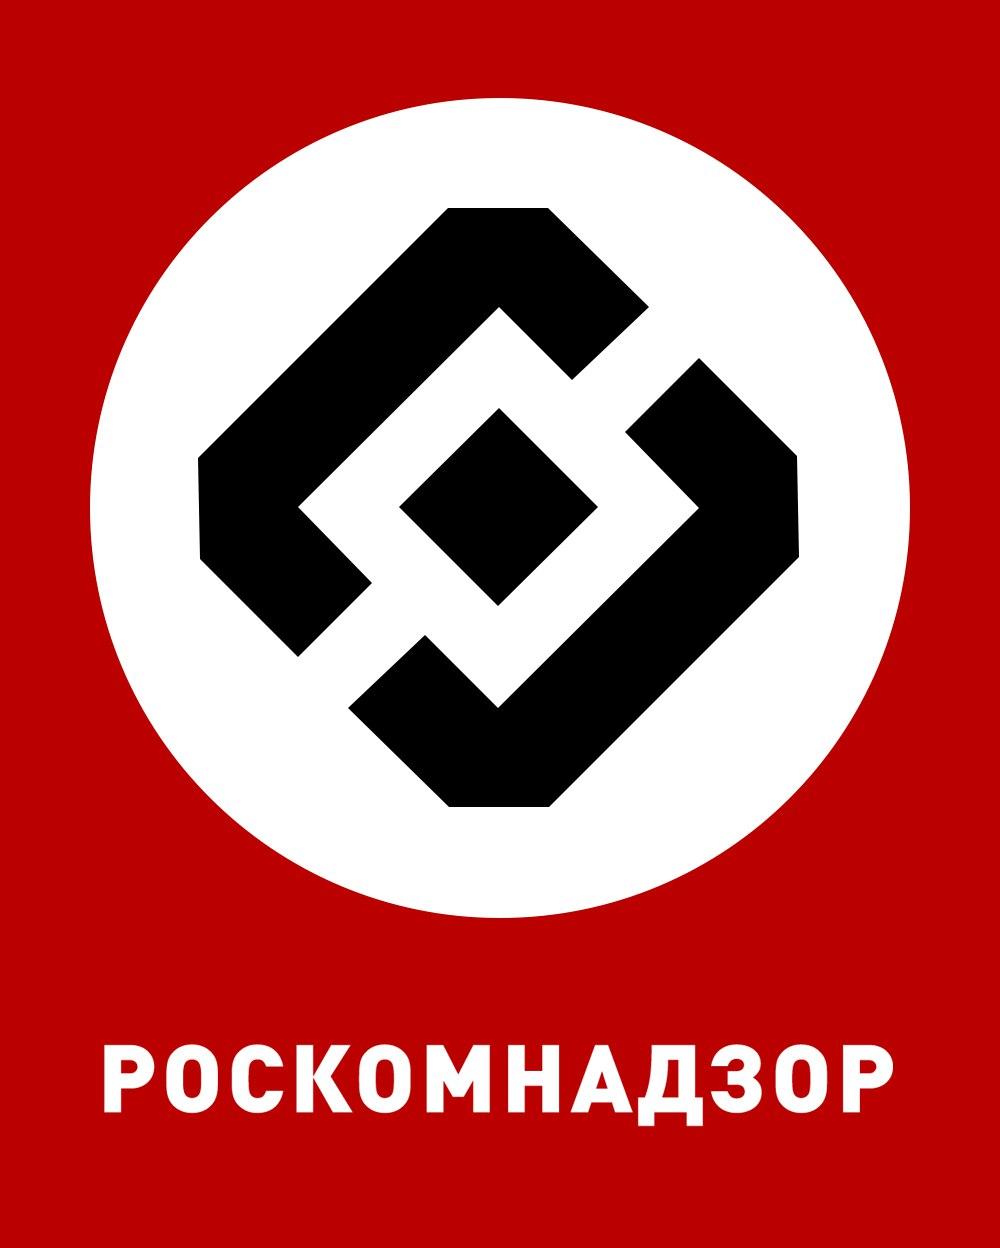 Клименко предложил лечить в психушке телеграмофилов и роскомнадзорофобов